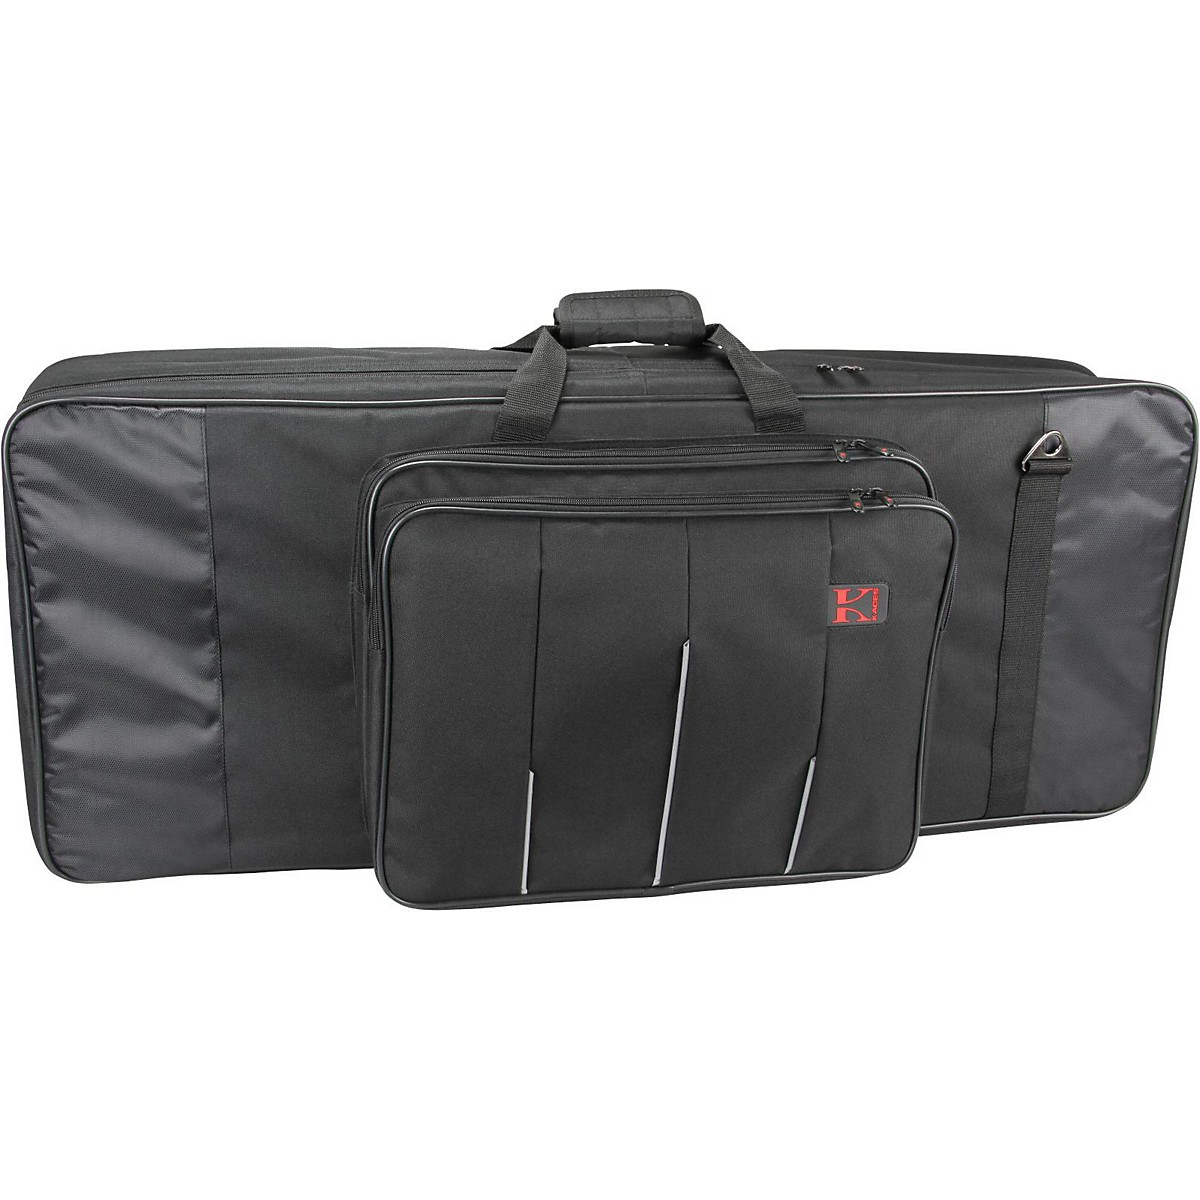 5KB 49-Key Keyboard Bag